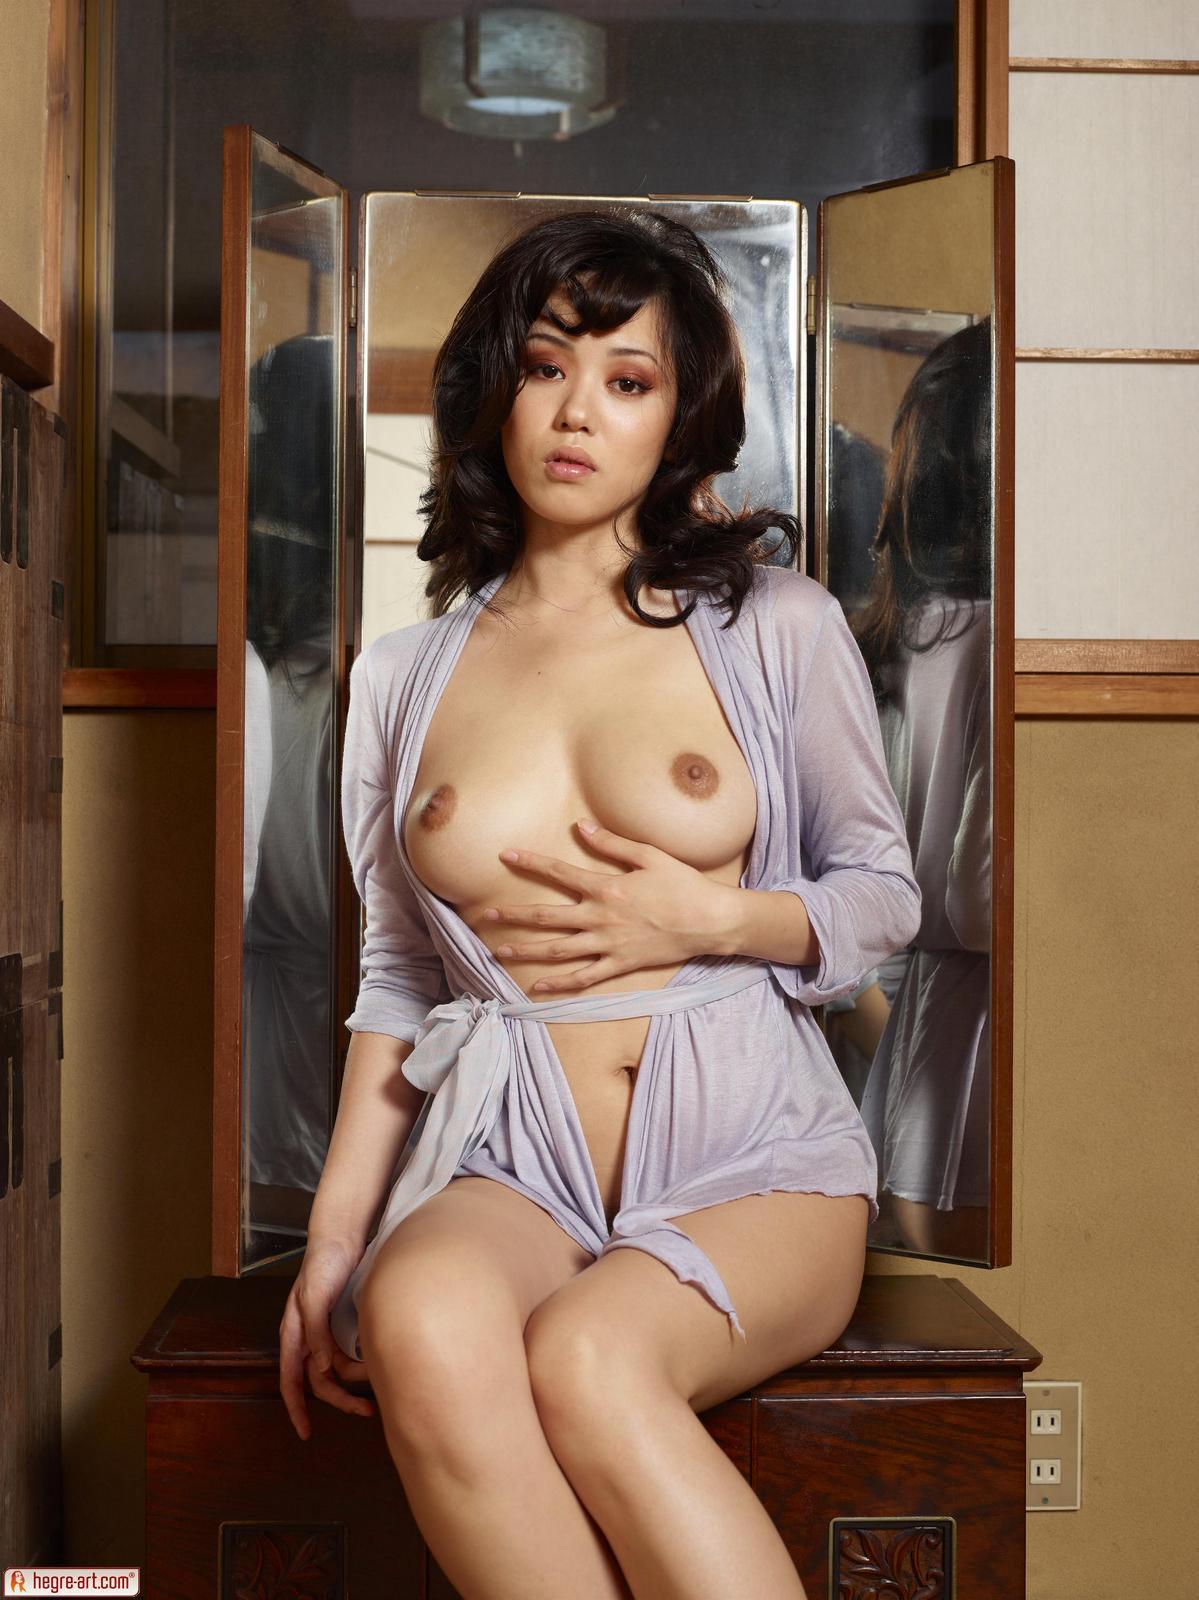 Китаянка с небритой киской делает фото у зеркала